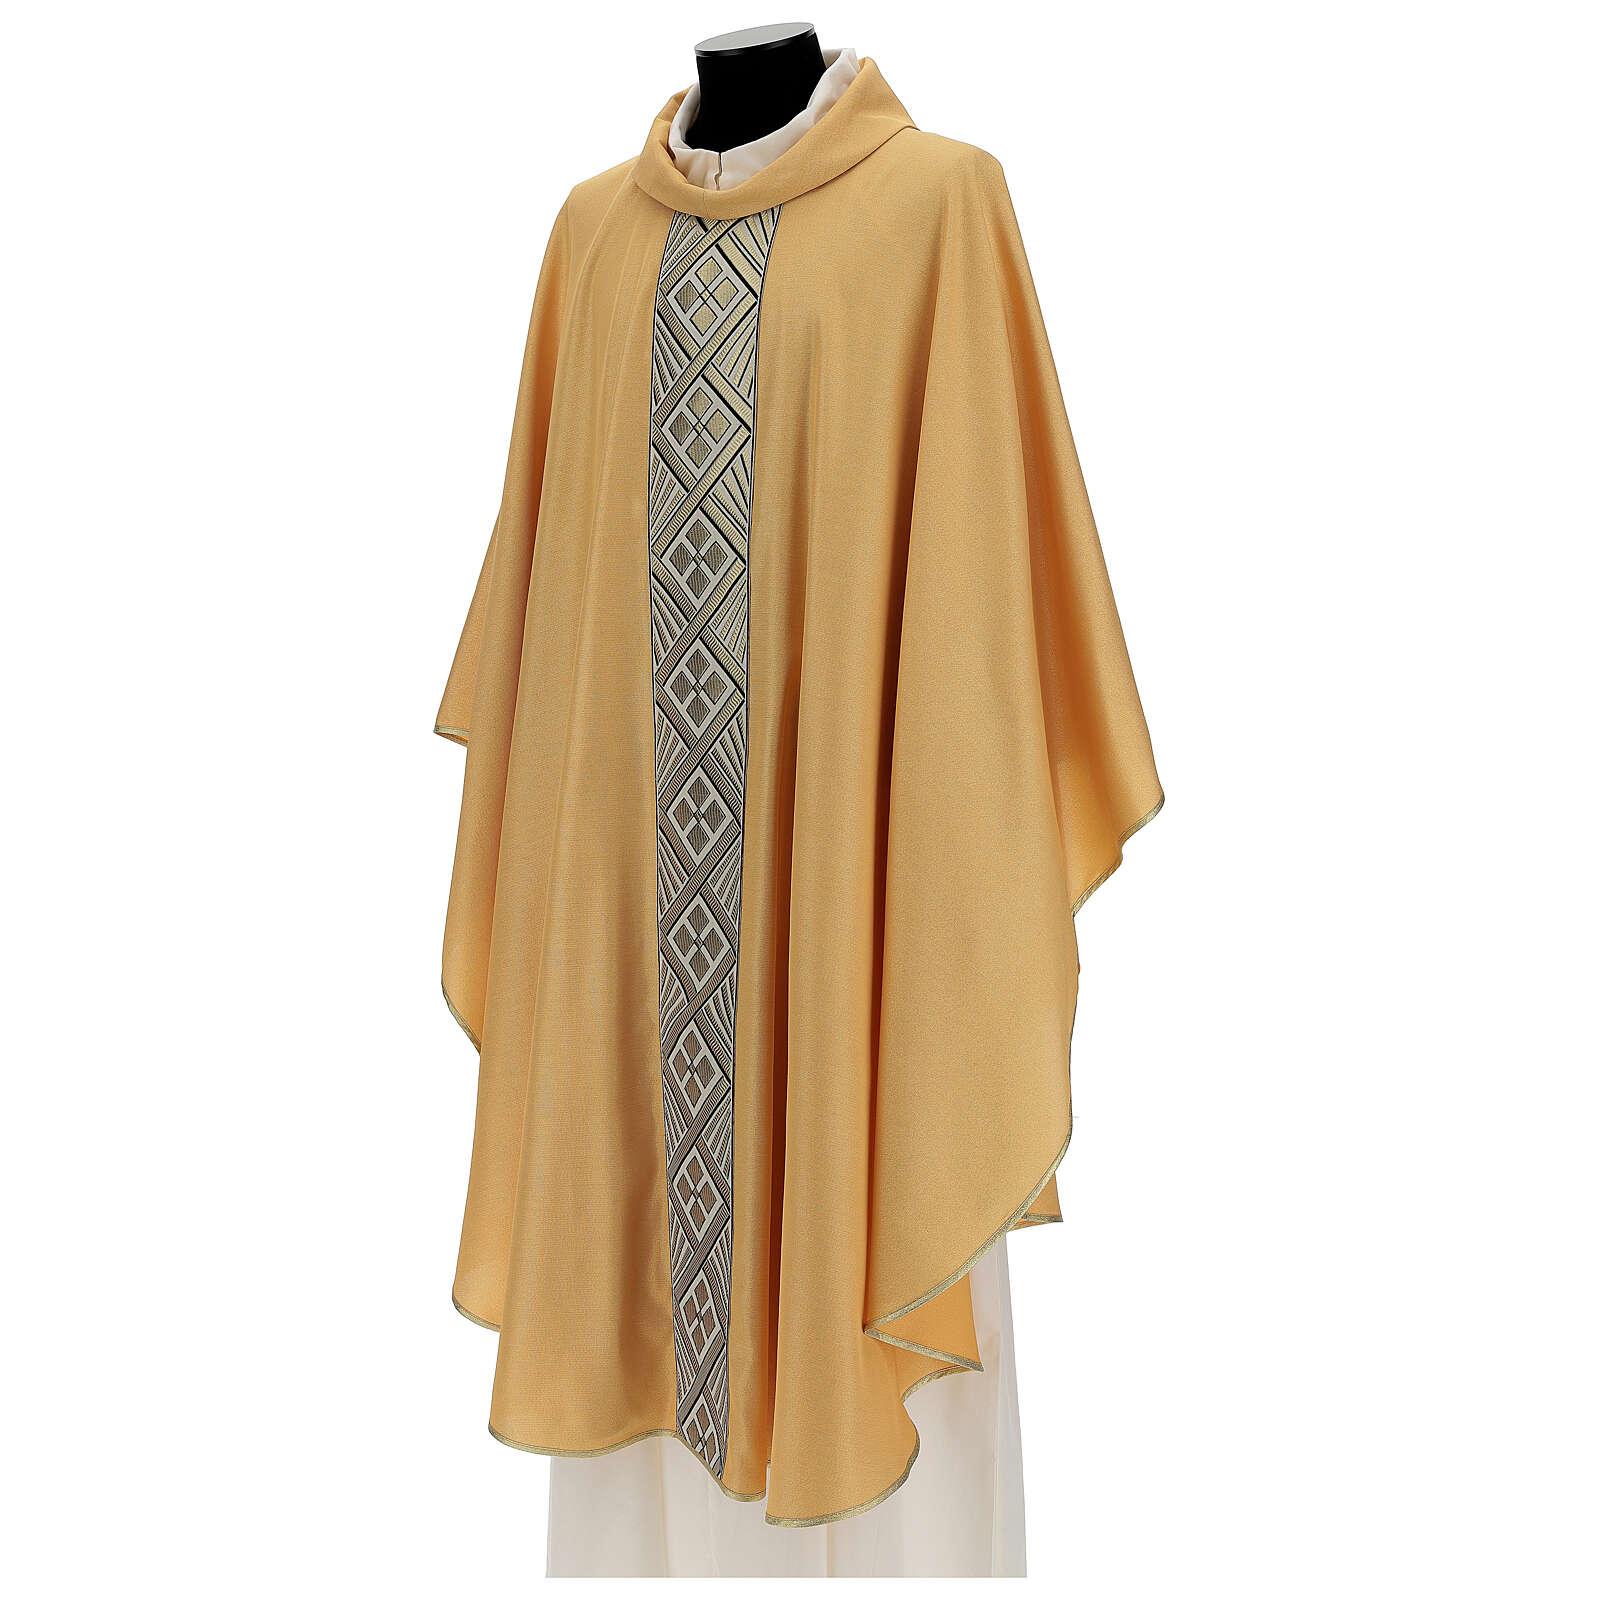 Casulla oro de poliéster y lana entorchado de oro 4